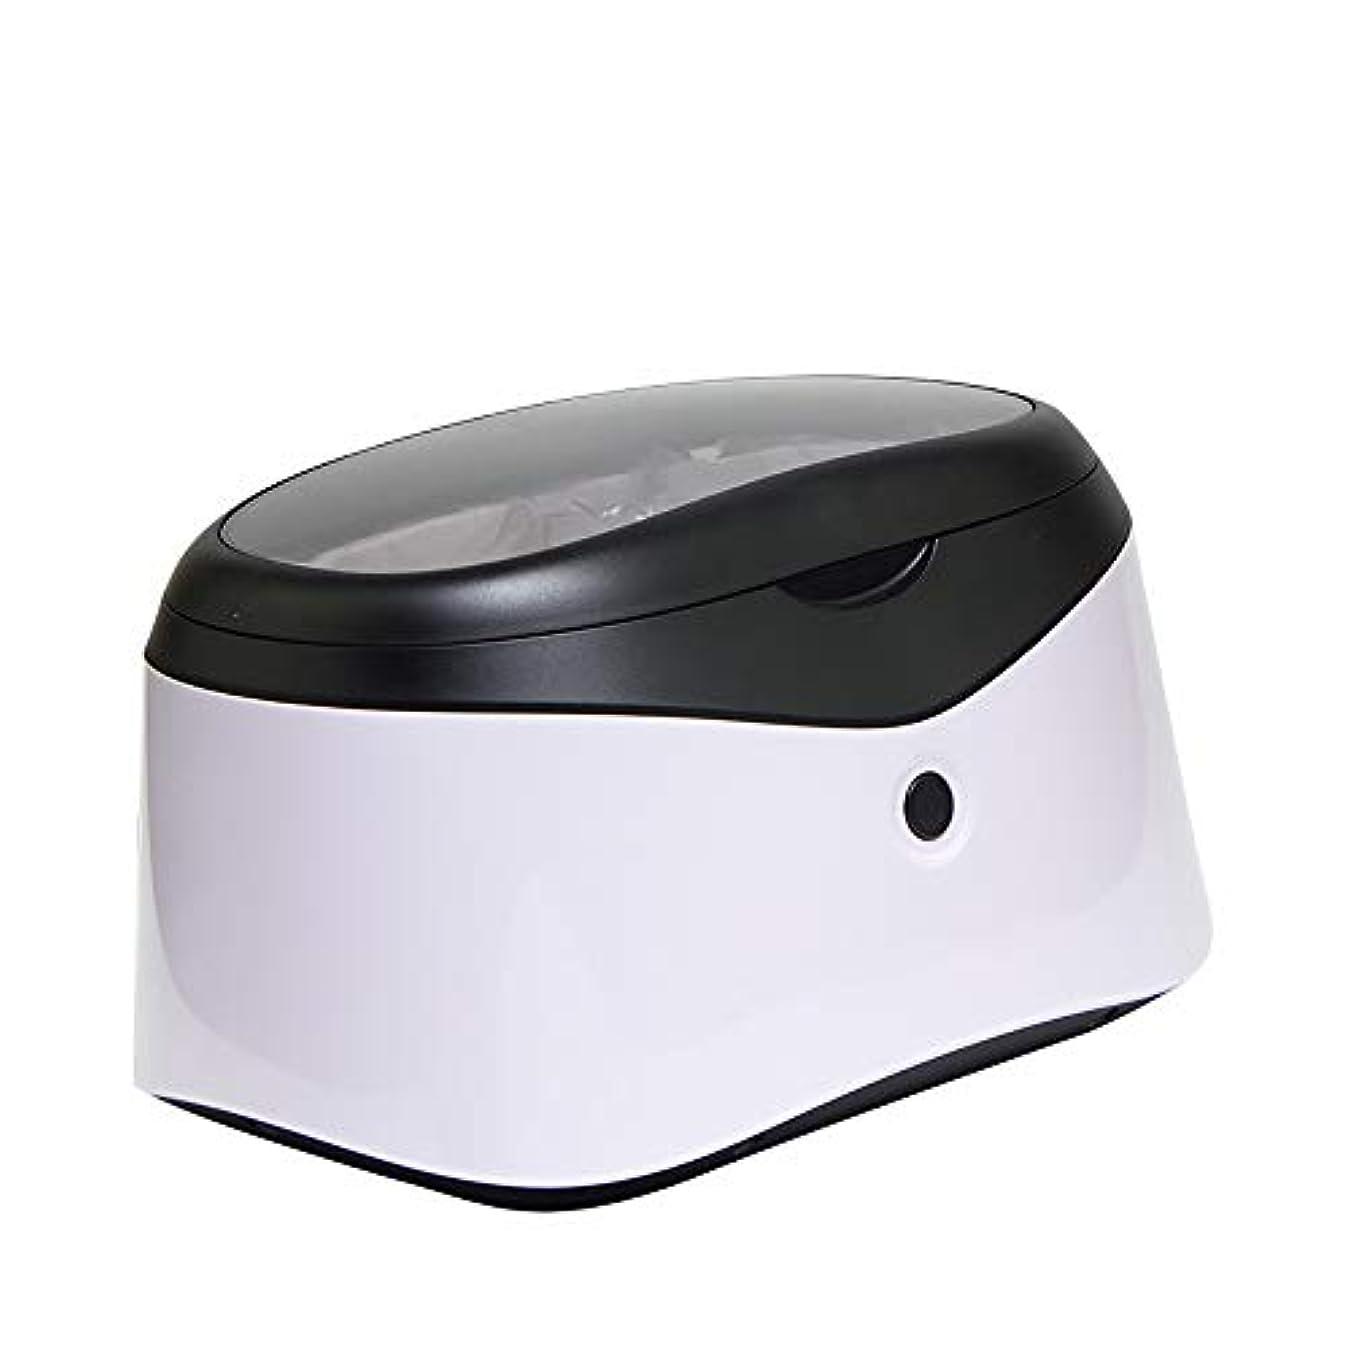 ねばねばモール圧縮消毒機、超音波洗浄機2.5Lミニ超音波洗浄宝ネイルマシンの消毒洗浄アーティファクトを清掃